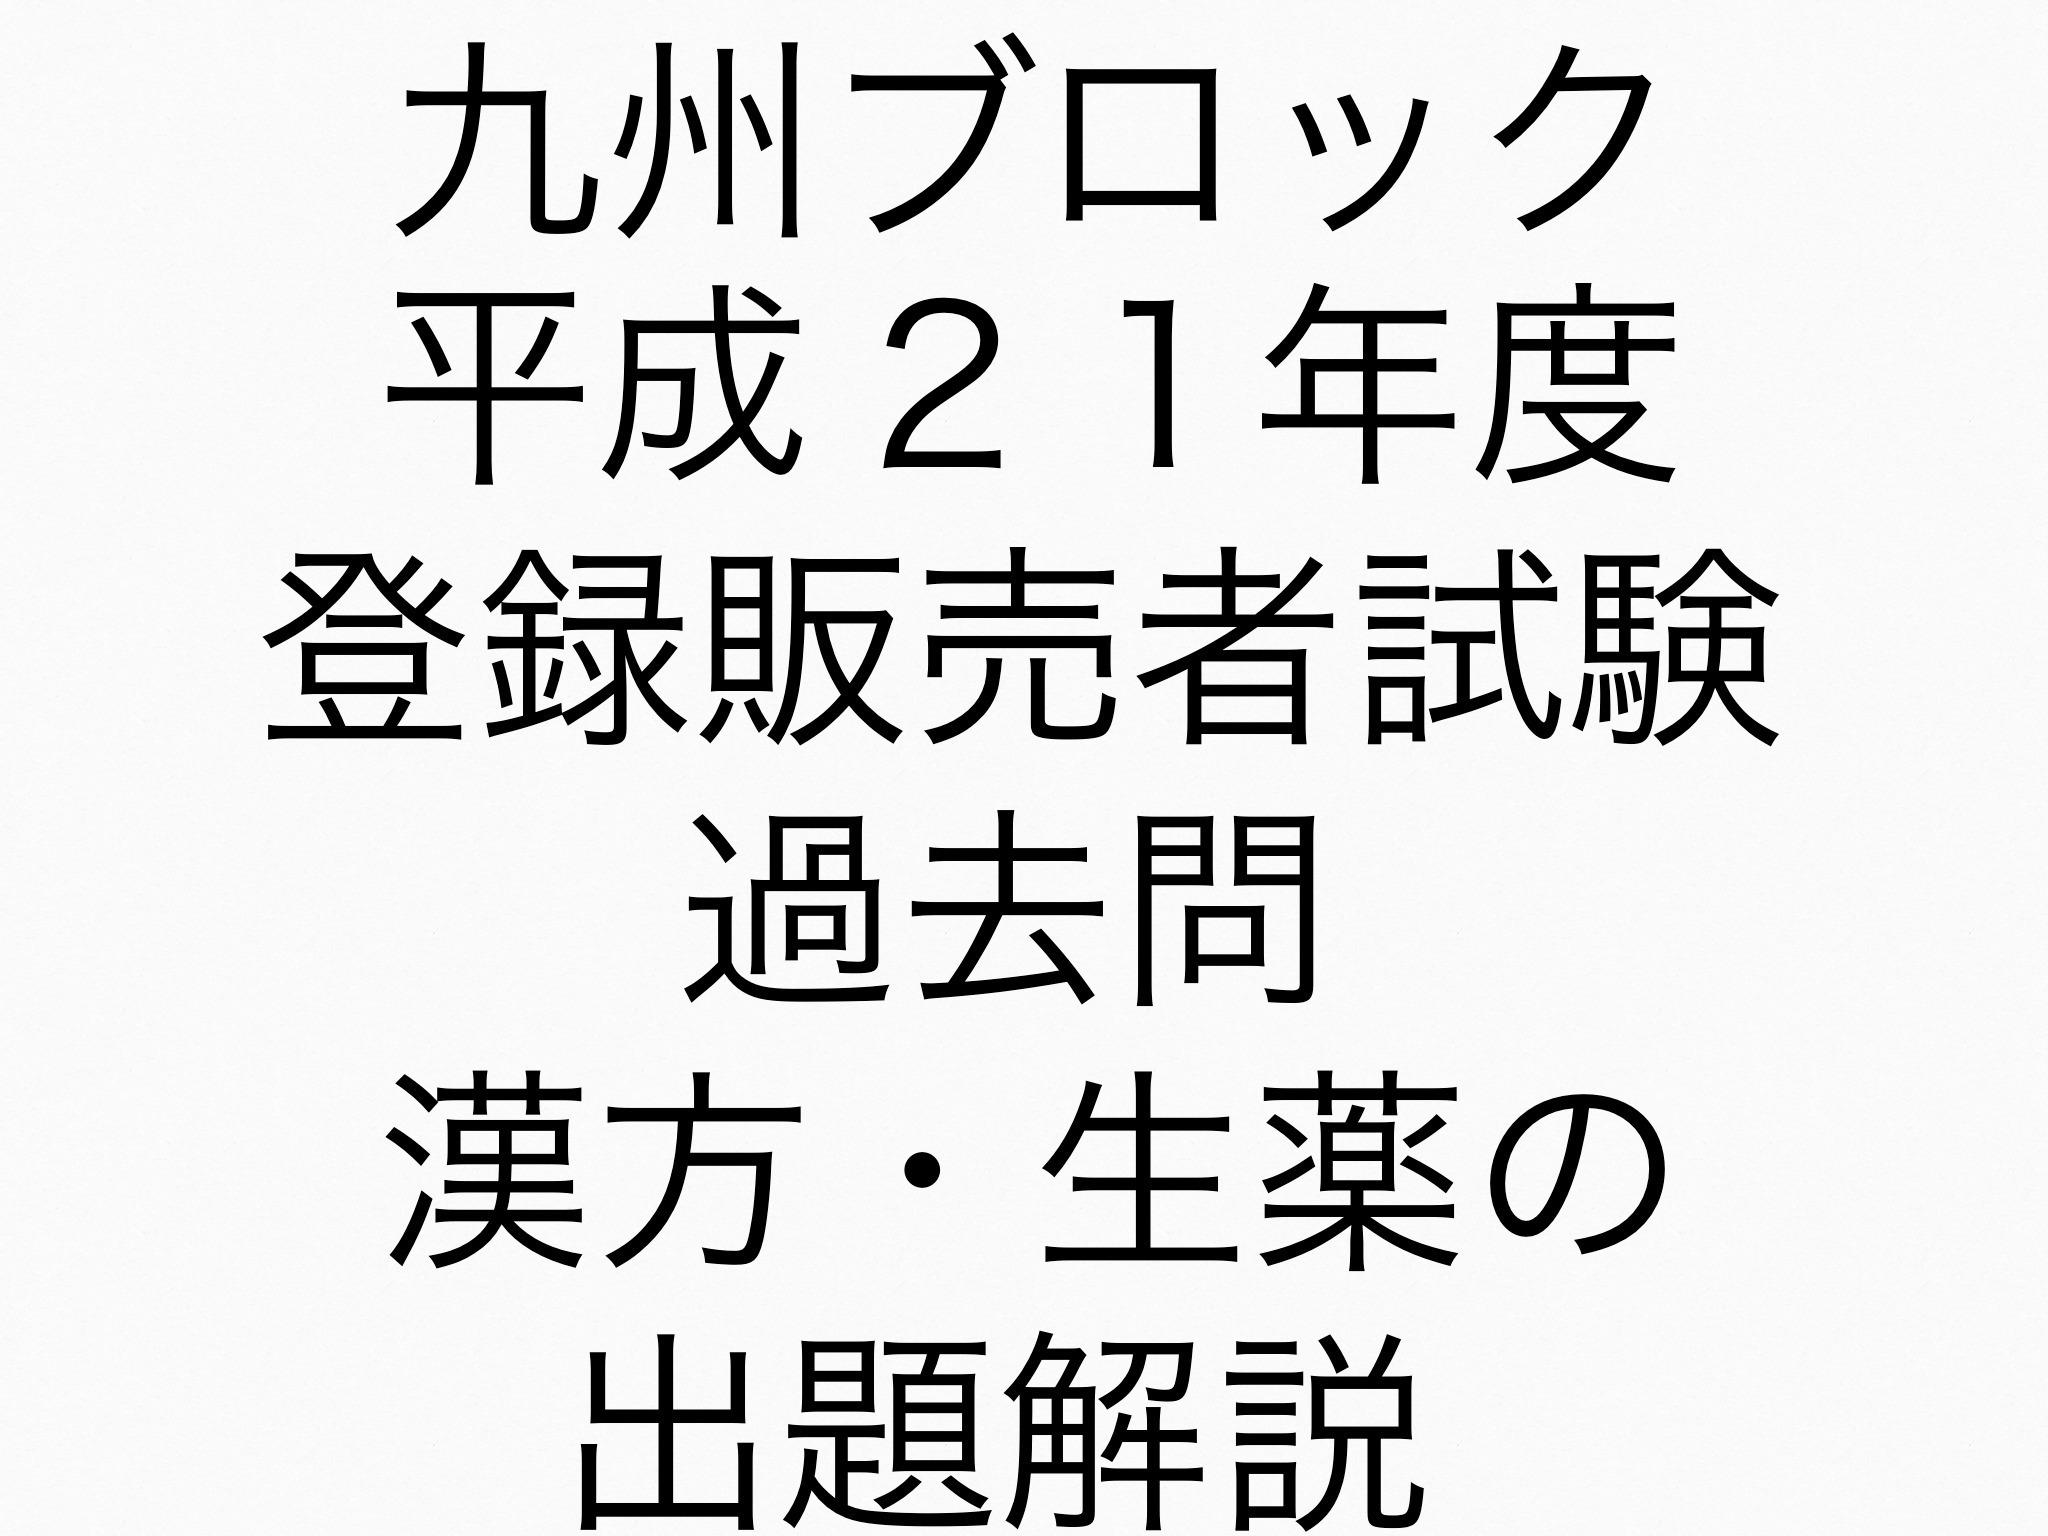 九州H21)登録販売者試験過去問 漢方・生薬の問題解説/出題傾向